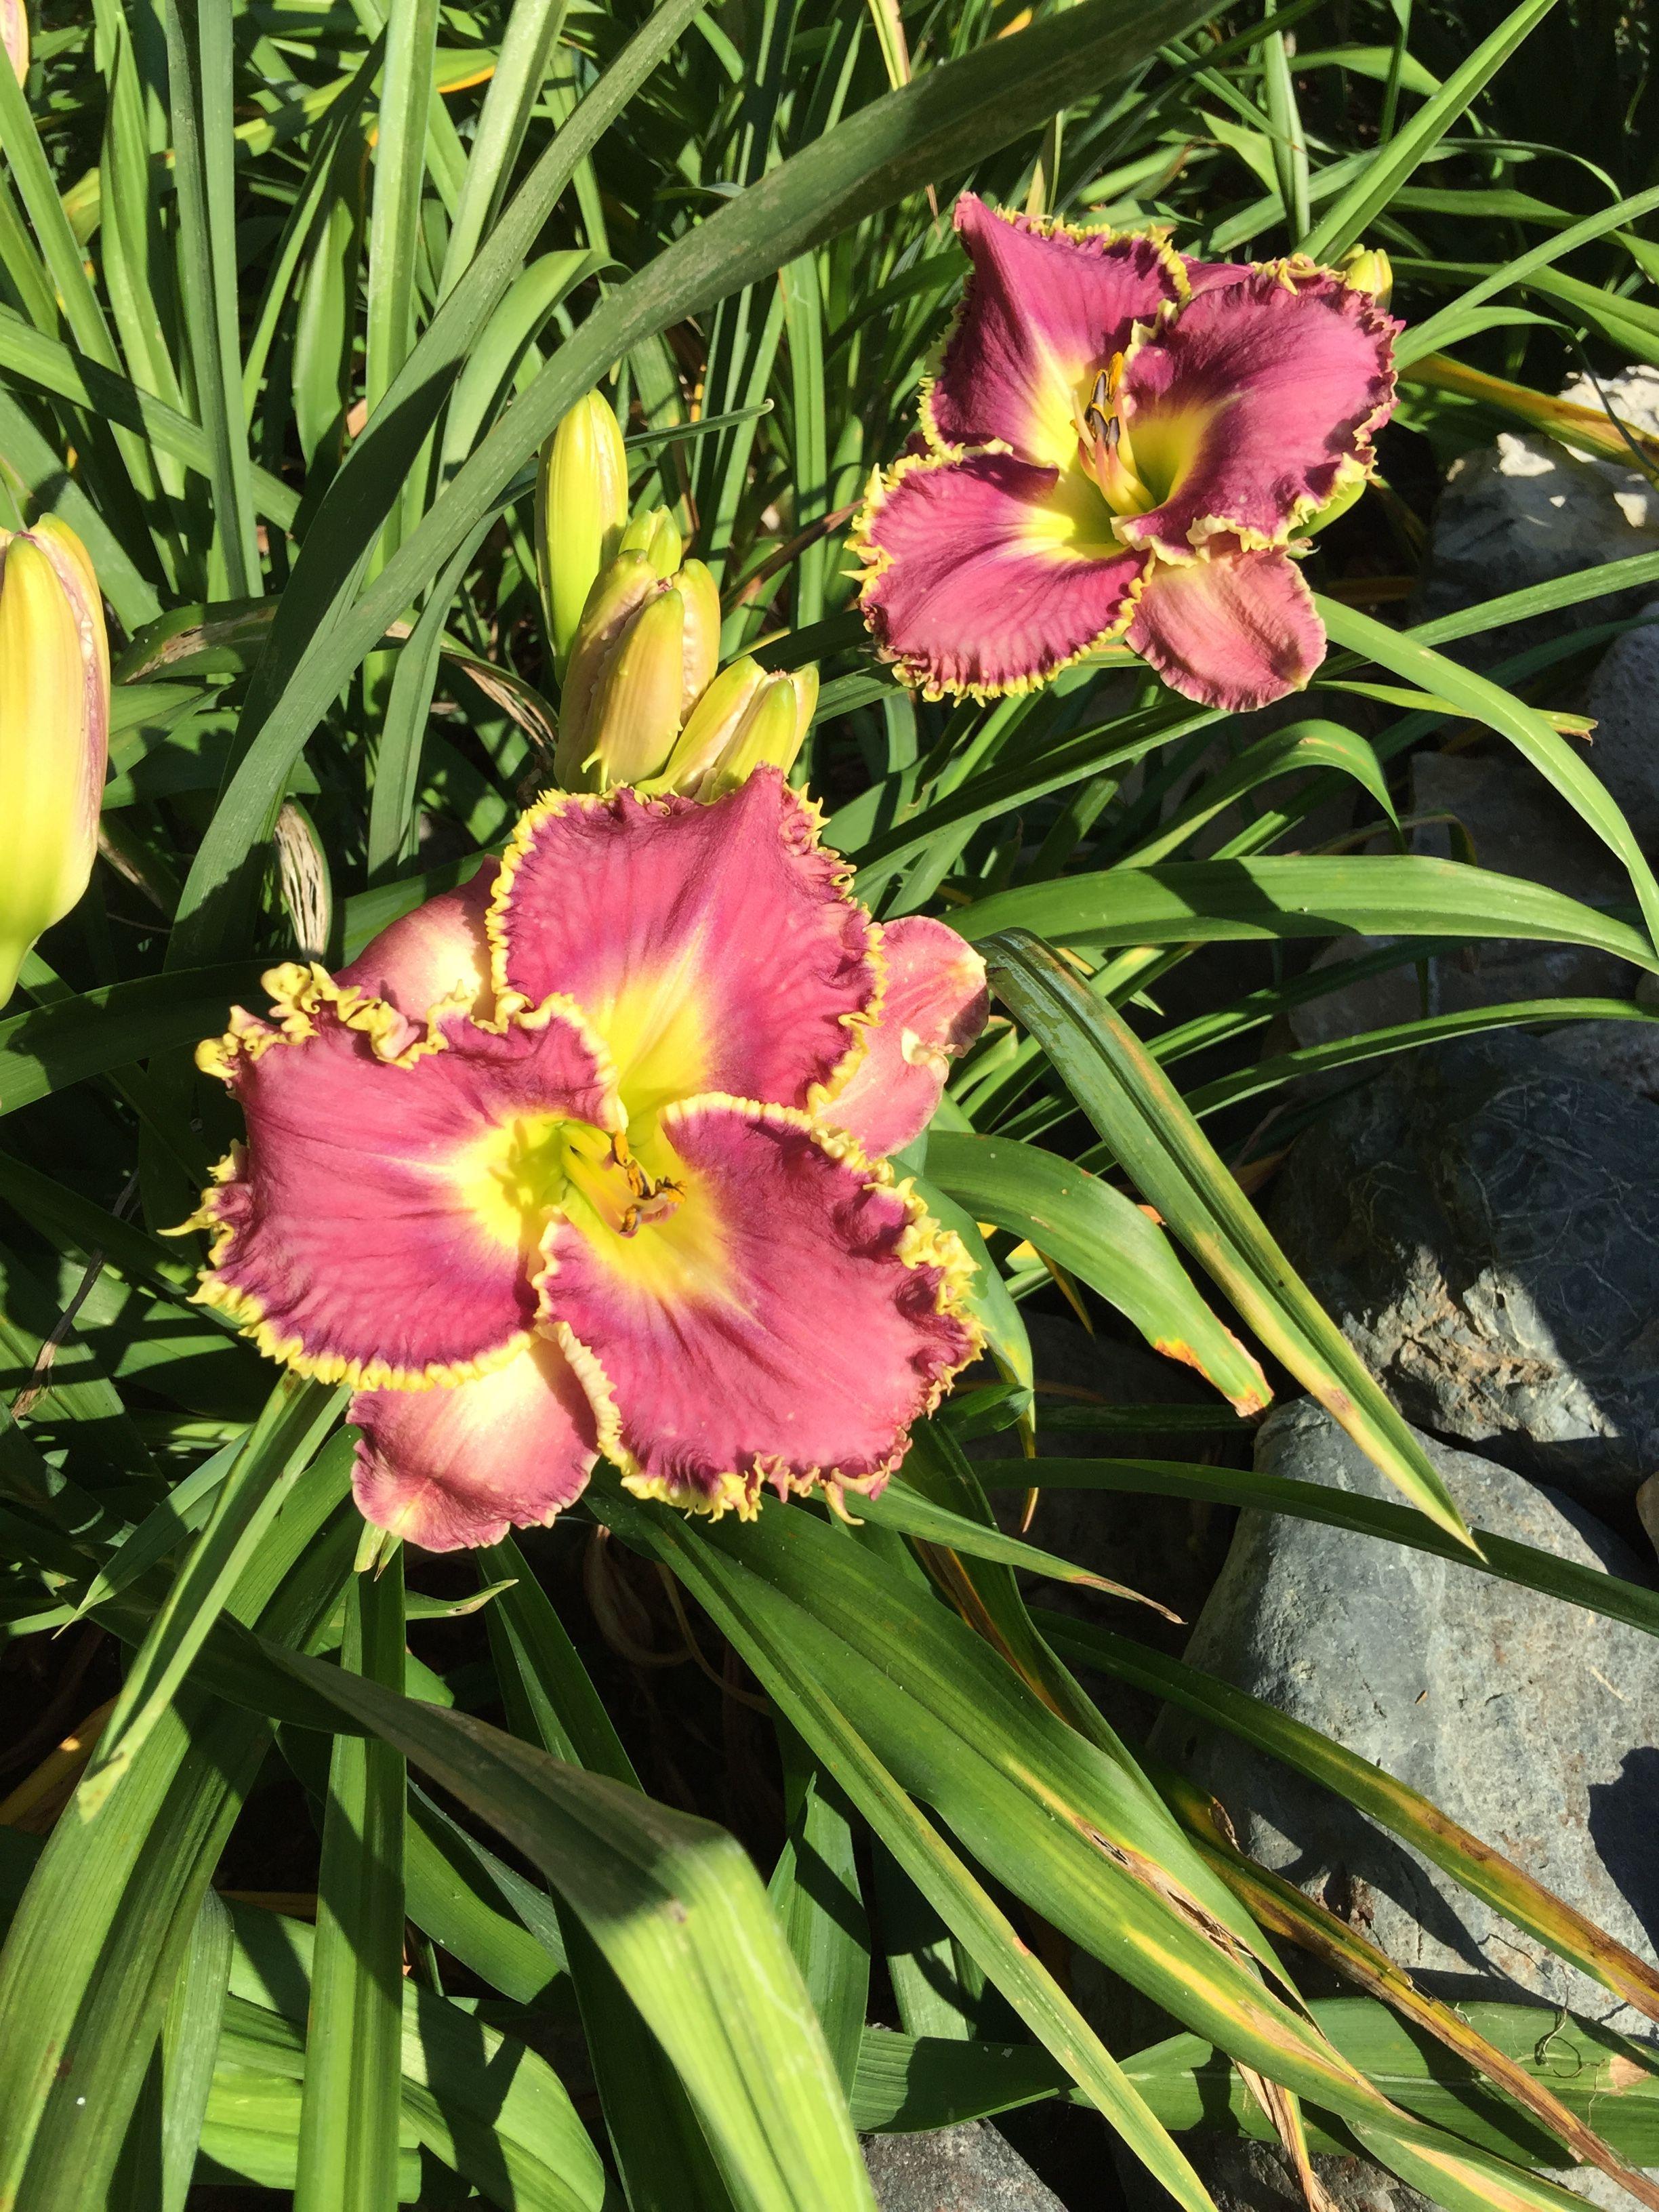 Pin by laurie kember on our garden photos garden photos